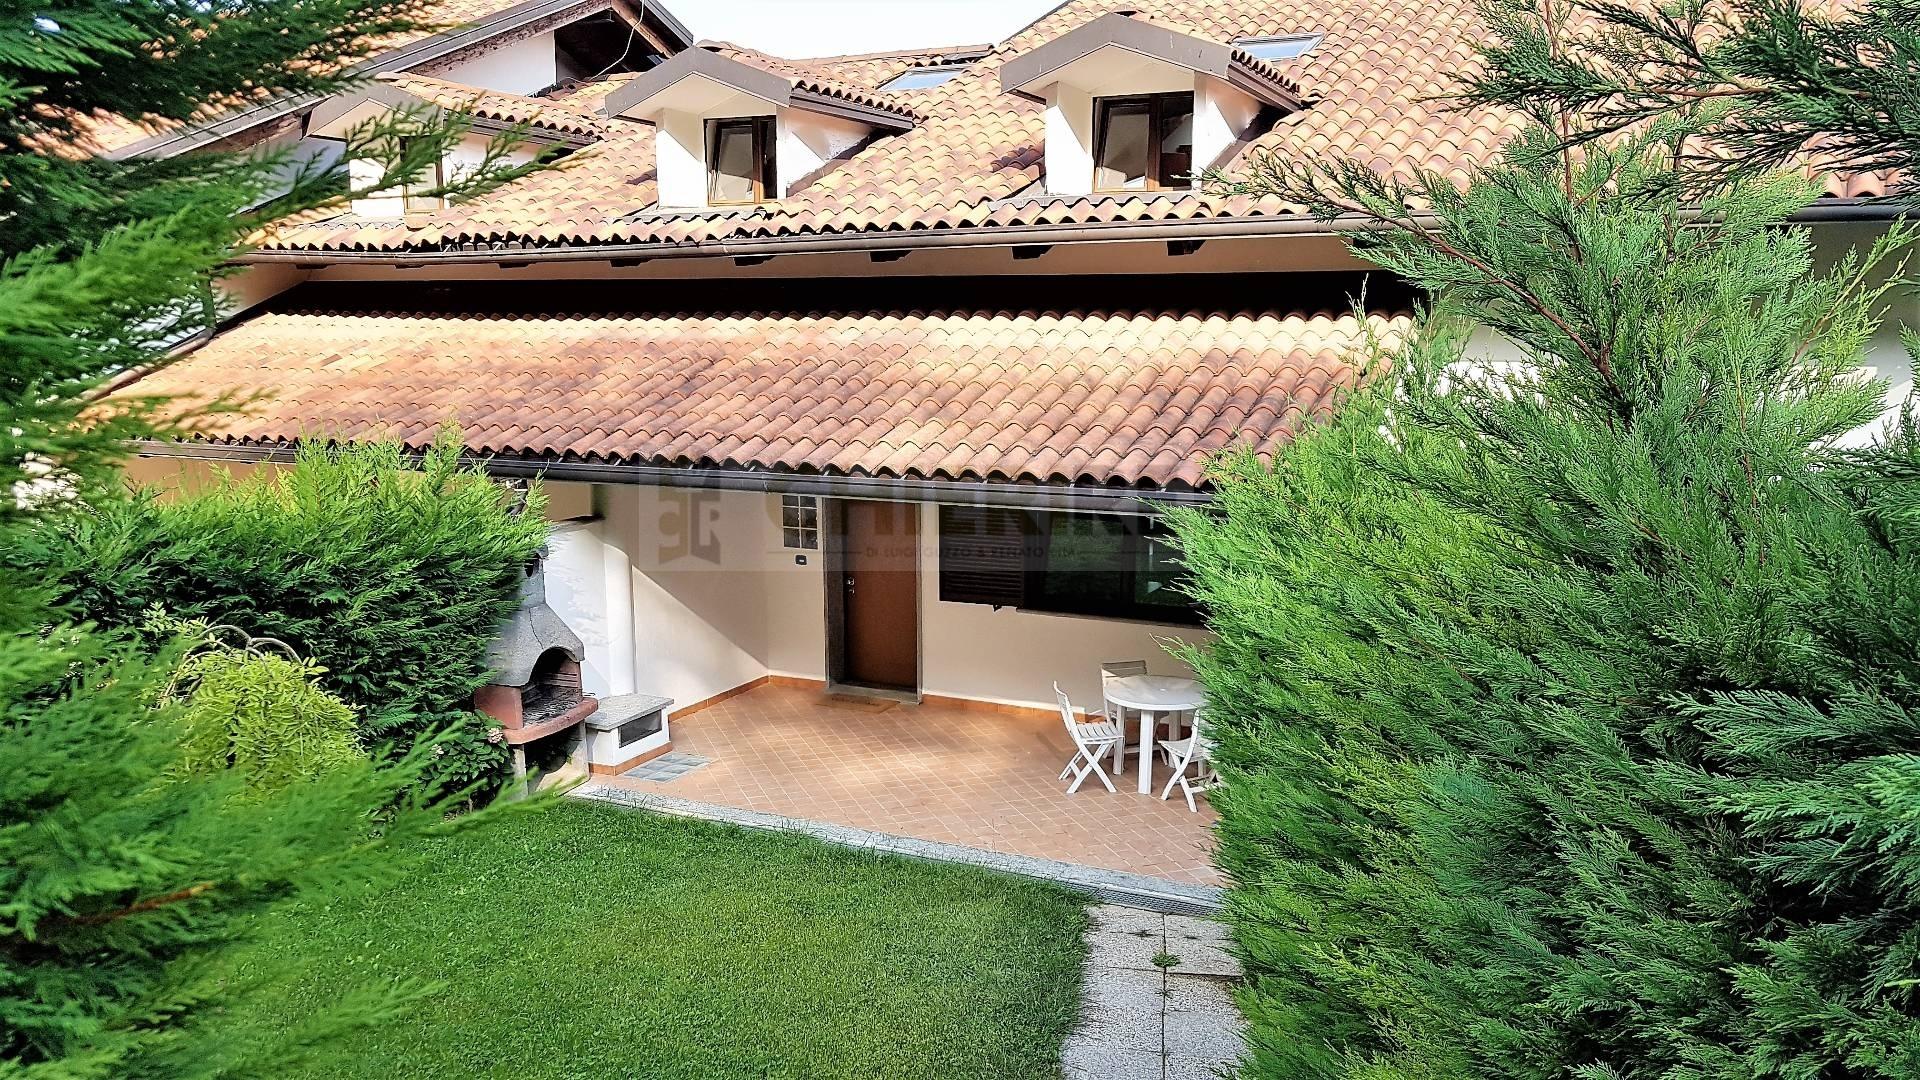 Appartamento in affitto a Pecetto Torinese, 8 locali, zona Zona: Eremo, prezzo € 2.200 | CambioCasa.it